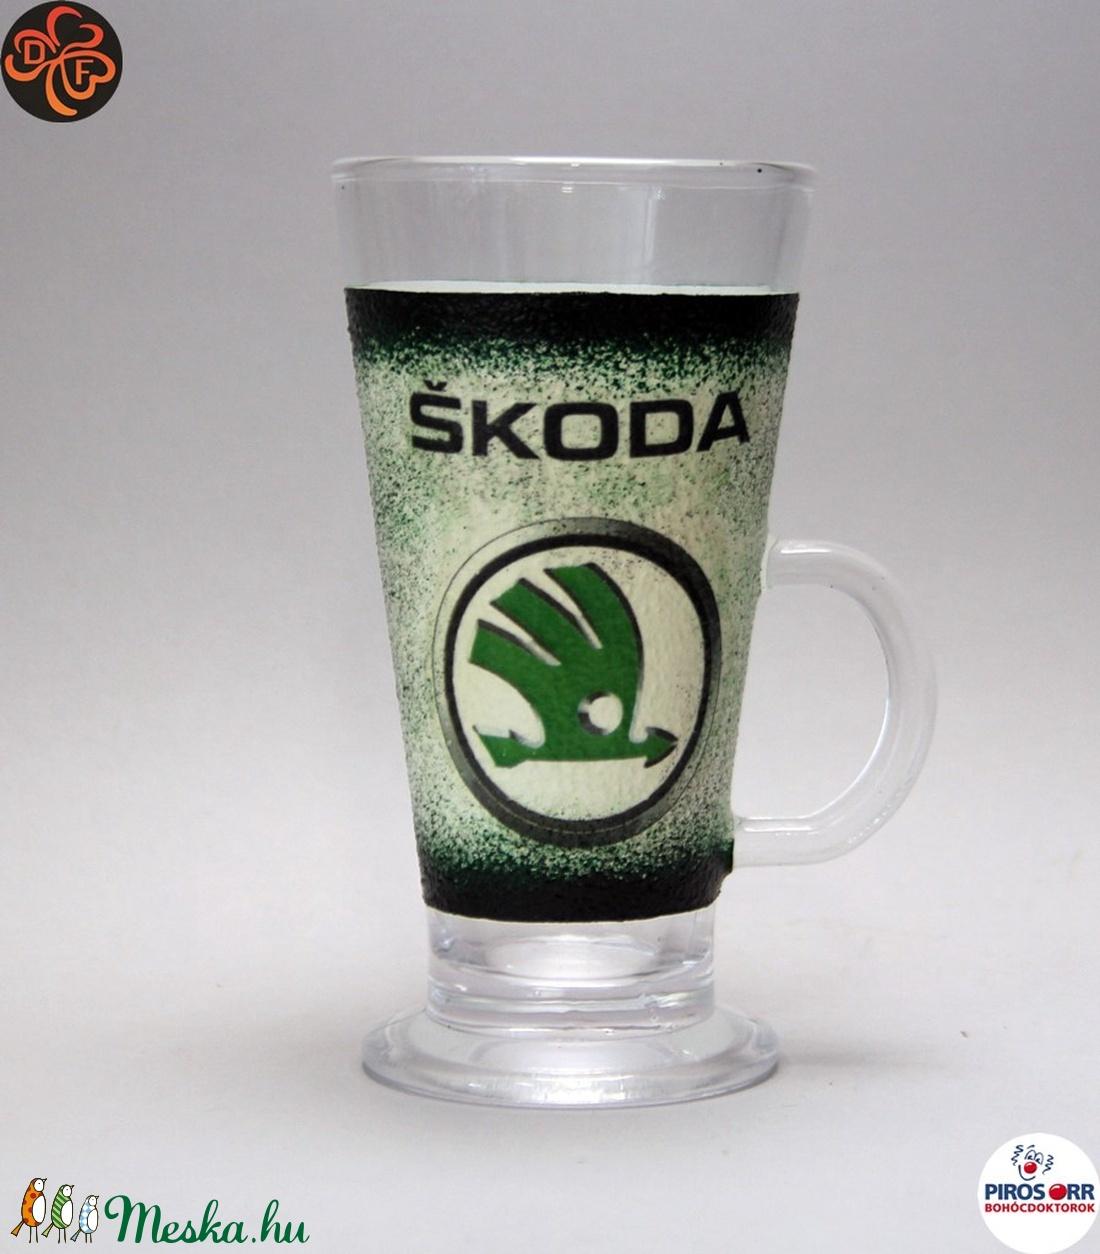 SKODA kávés pohár, kávé imádóknak ; Skoda autód fényképével is! - Meska.hu